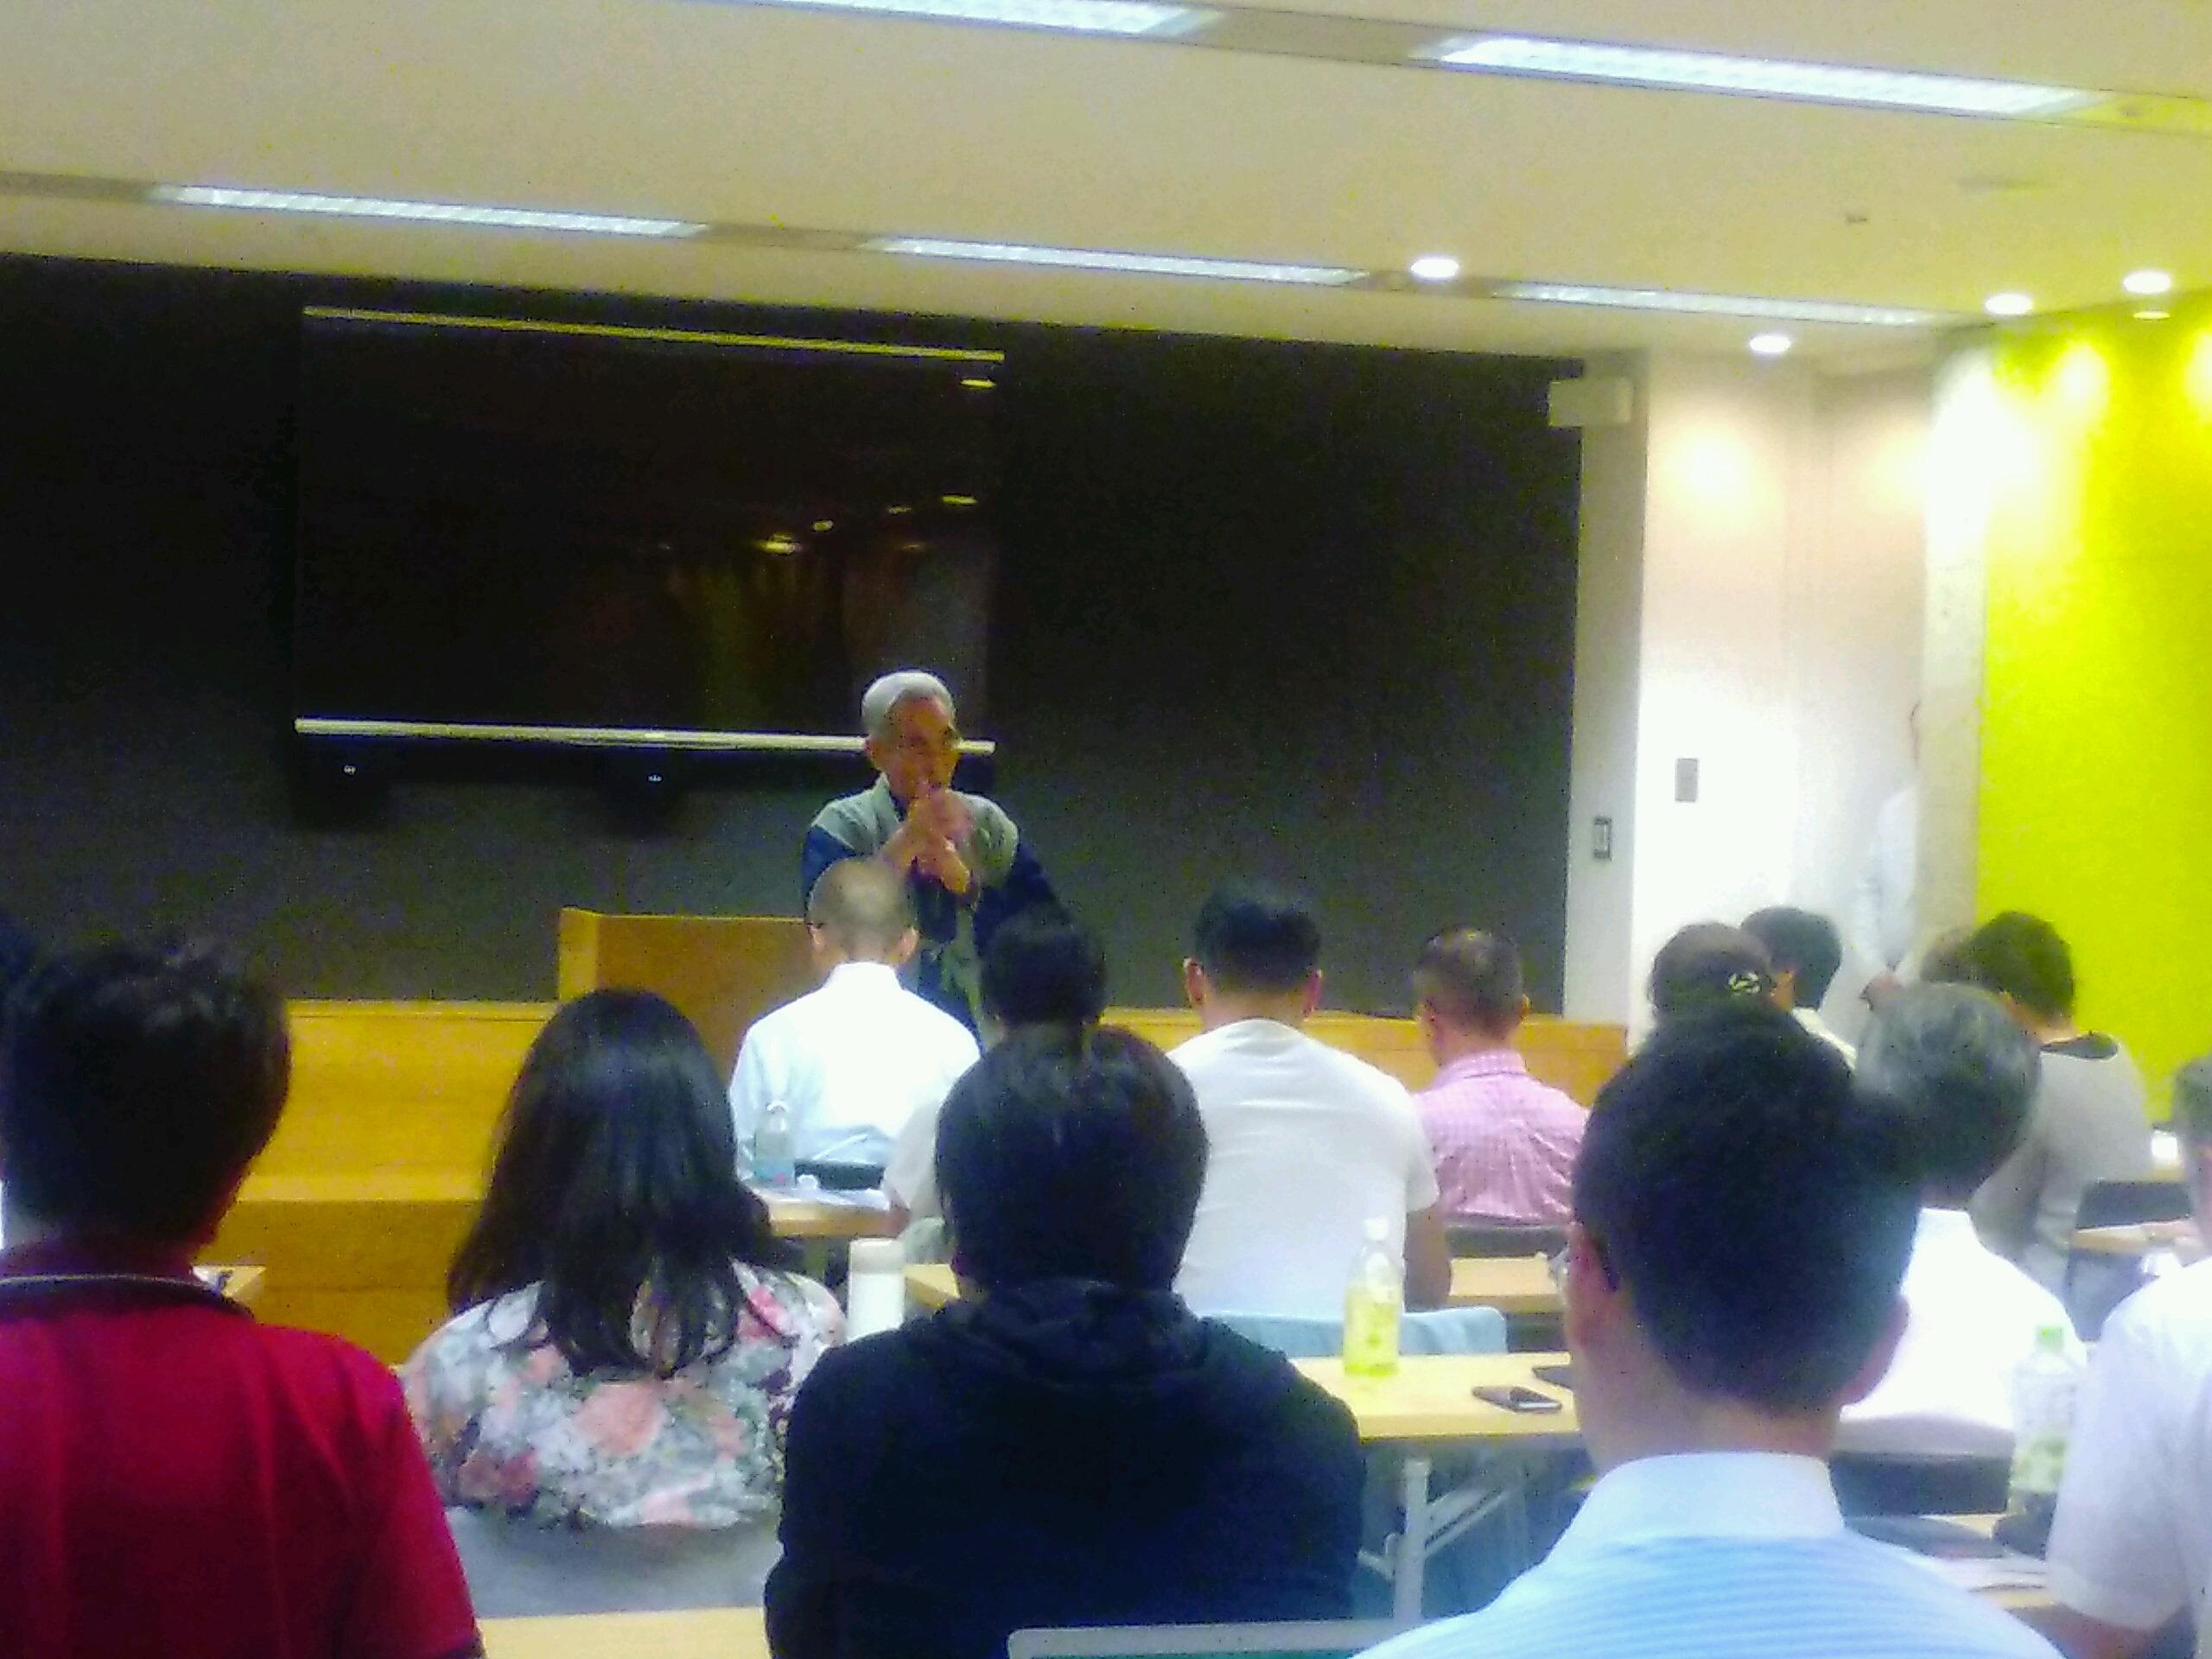 20181006165309 - 2018年10月6日(土)第5回東京思風塾開催しました。